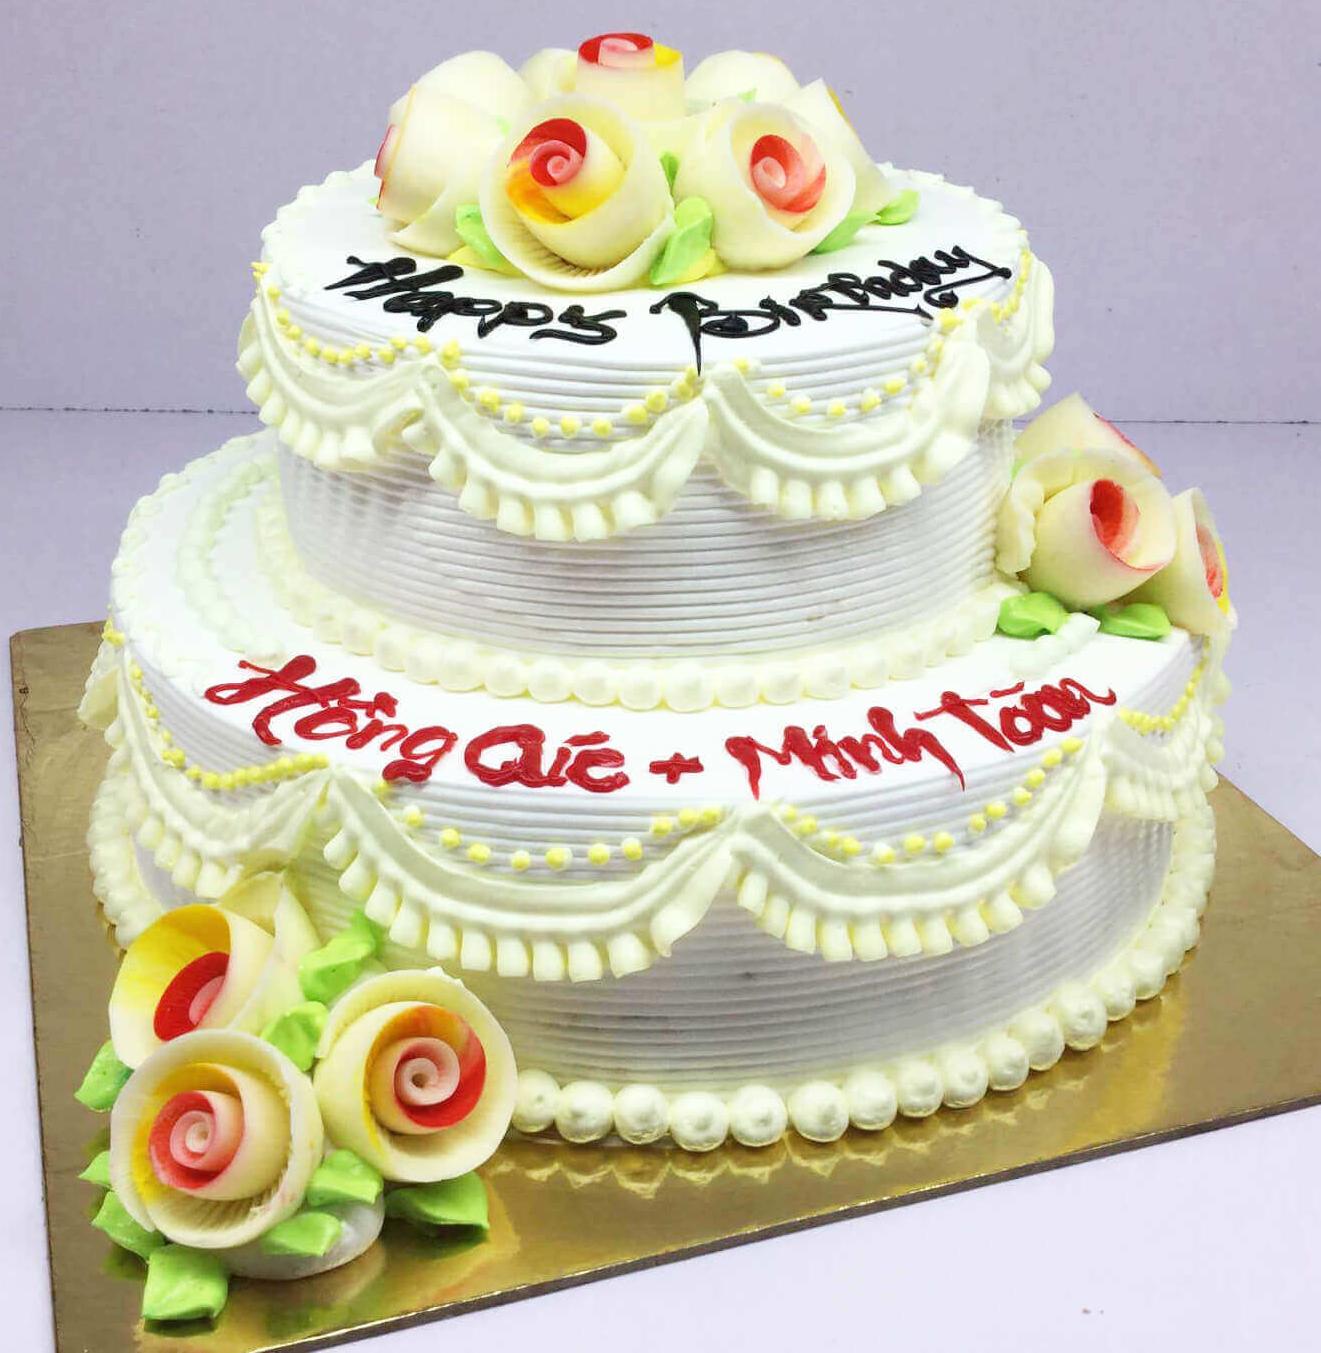 Tận hưởng cung cách phục vụ chuyên nghiệp khi đến với tiệm bánh sinh nhật tại gò vấp